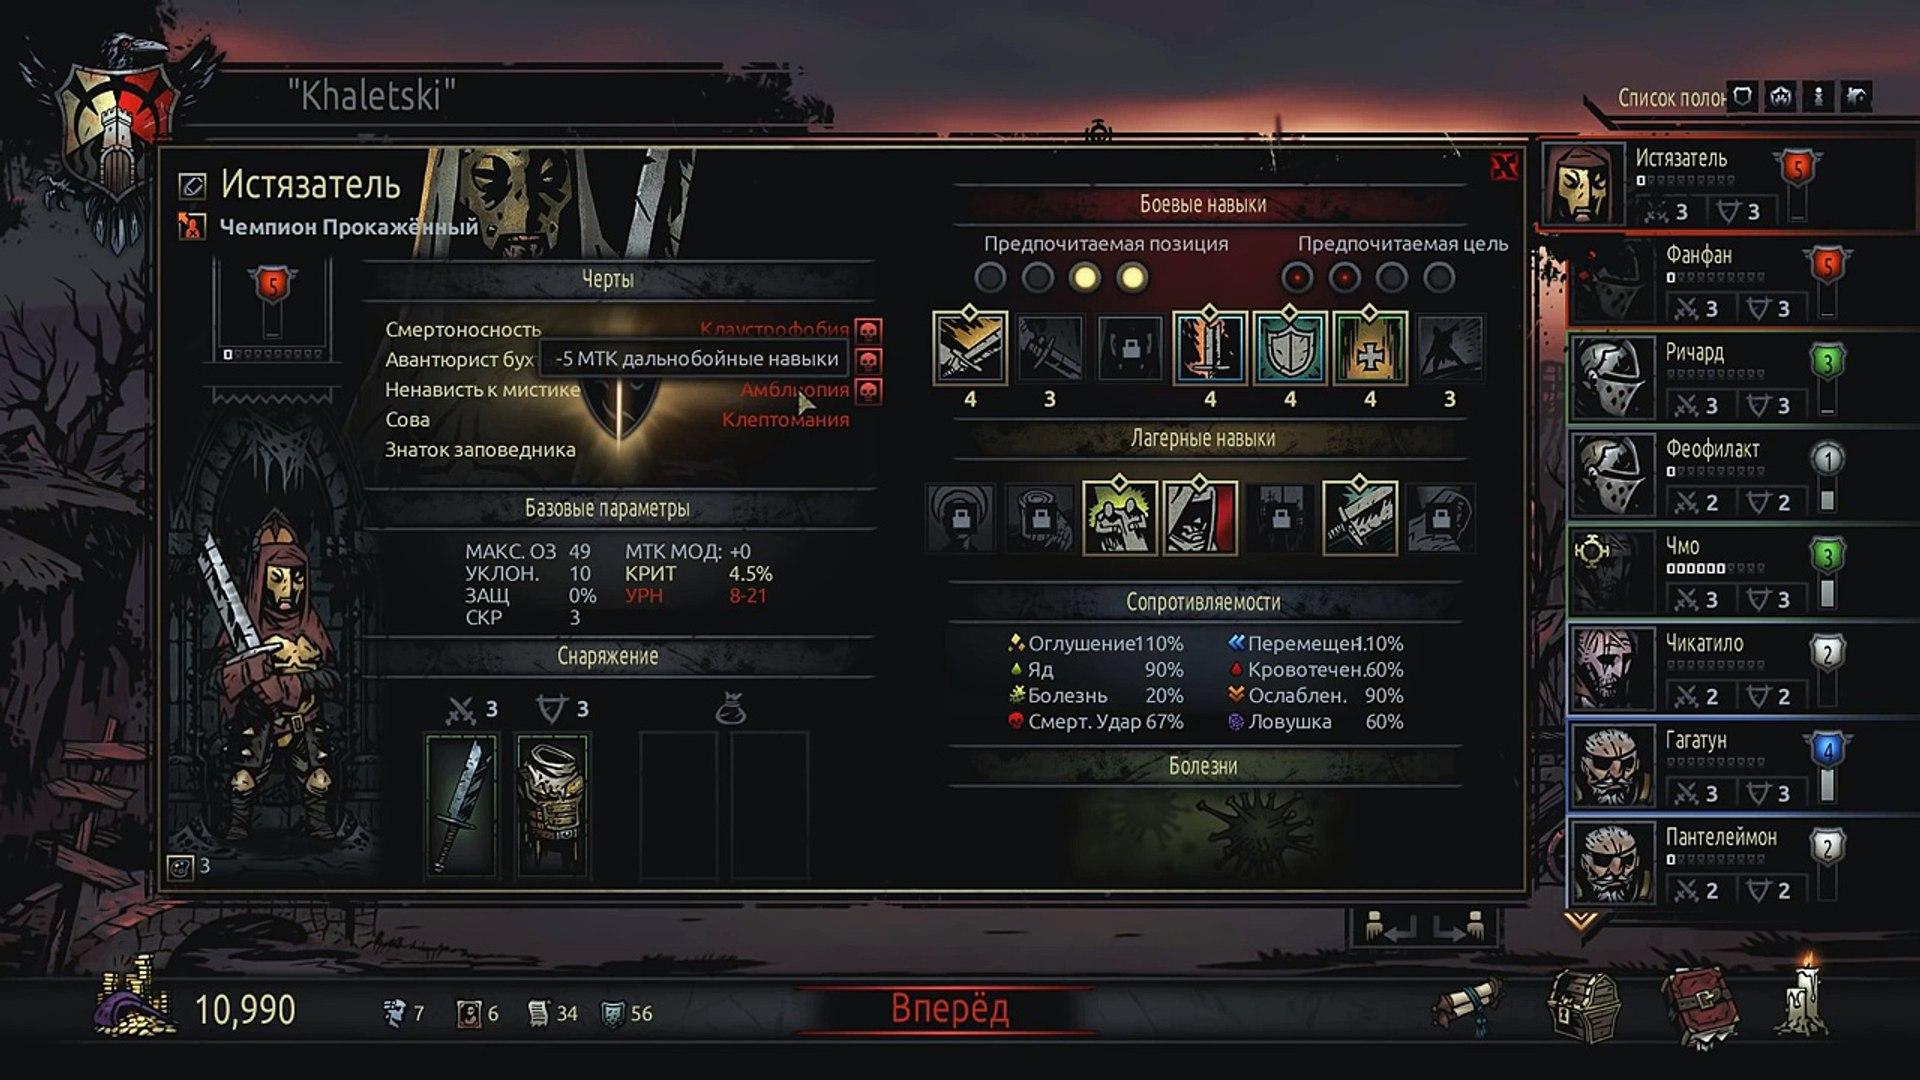 Руководство в Darkest Dungeon: город и подготовка